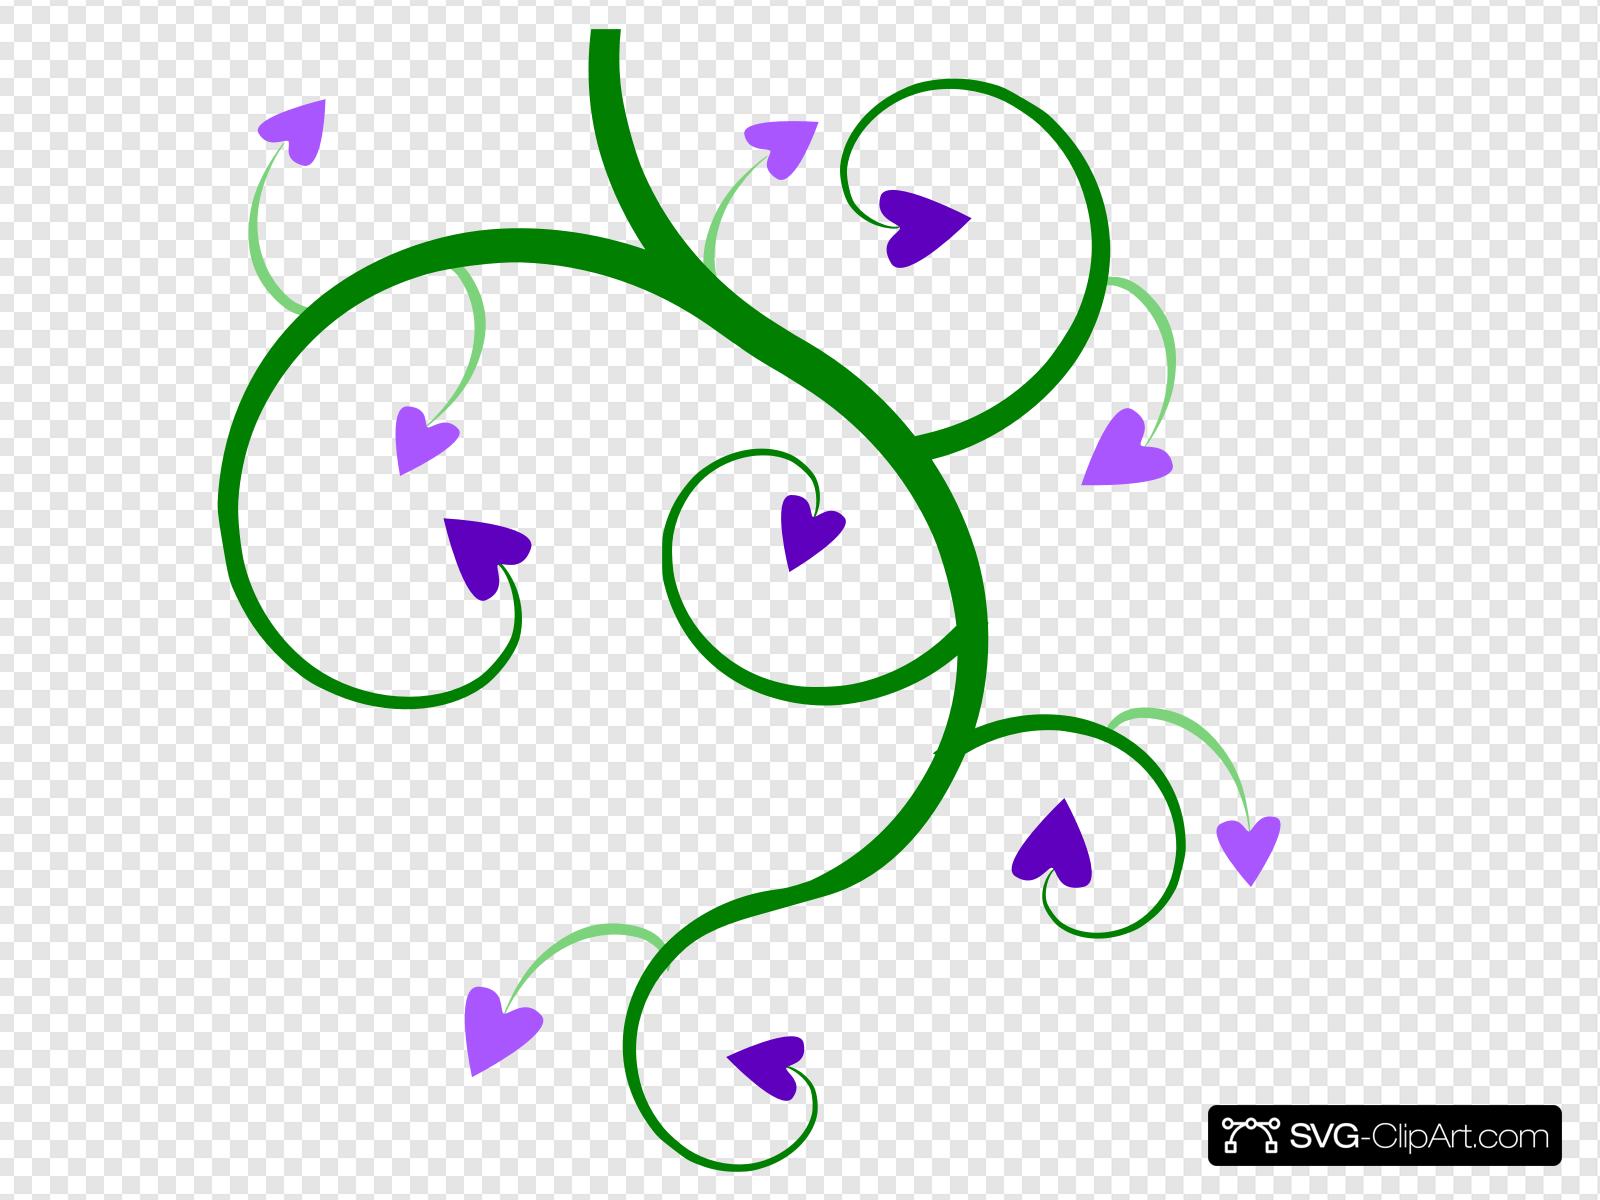 Heart Vine Clip art, Icon and SVG.